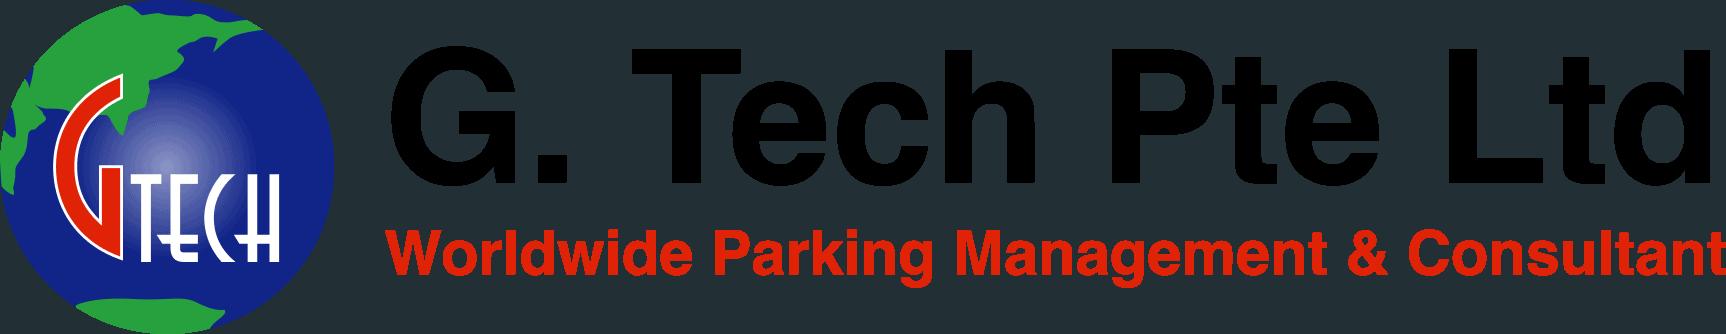 G.Tech Pte Ltd